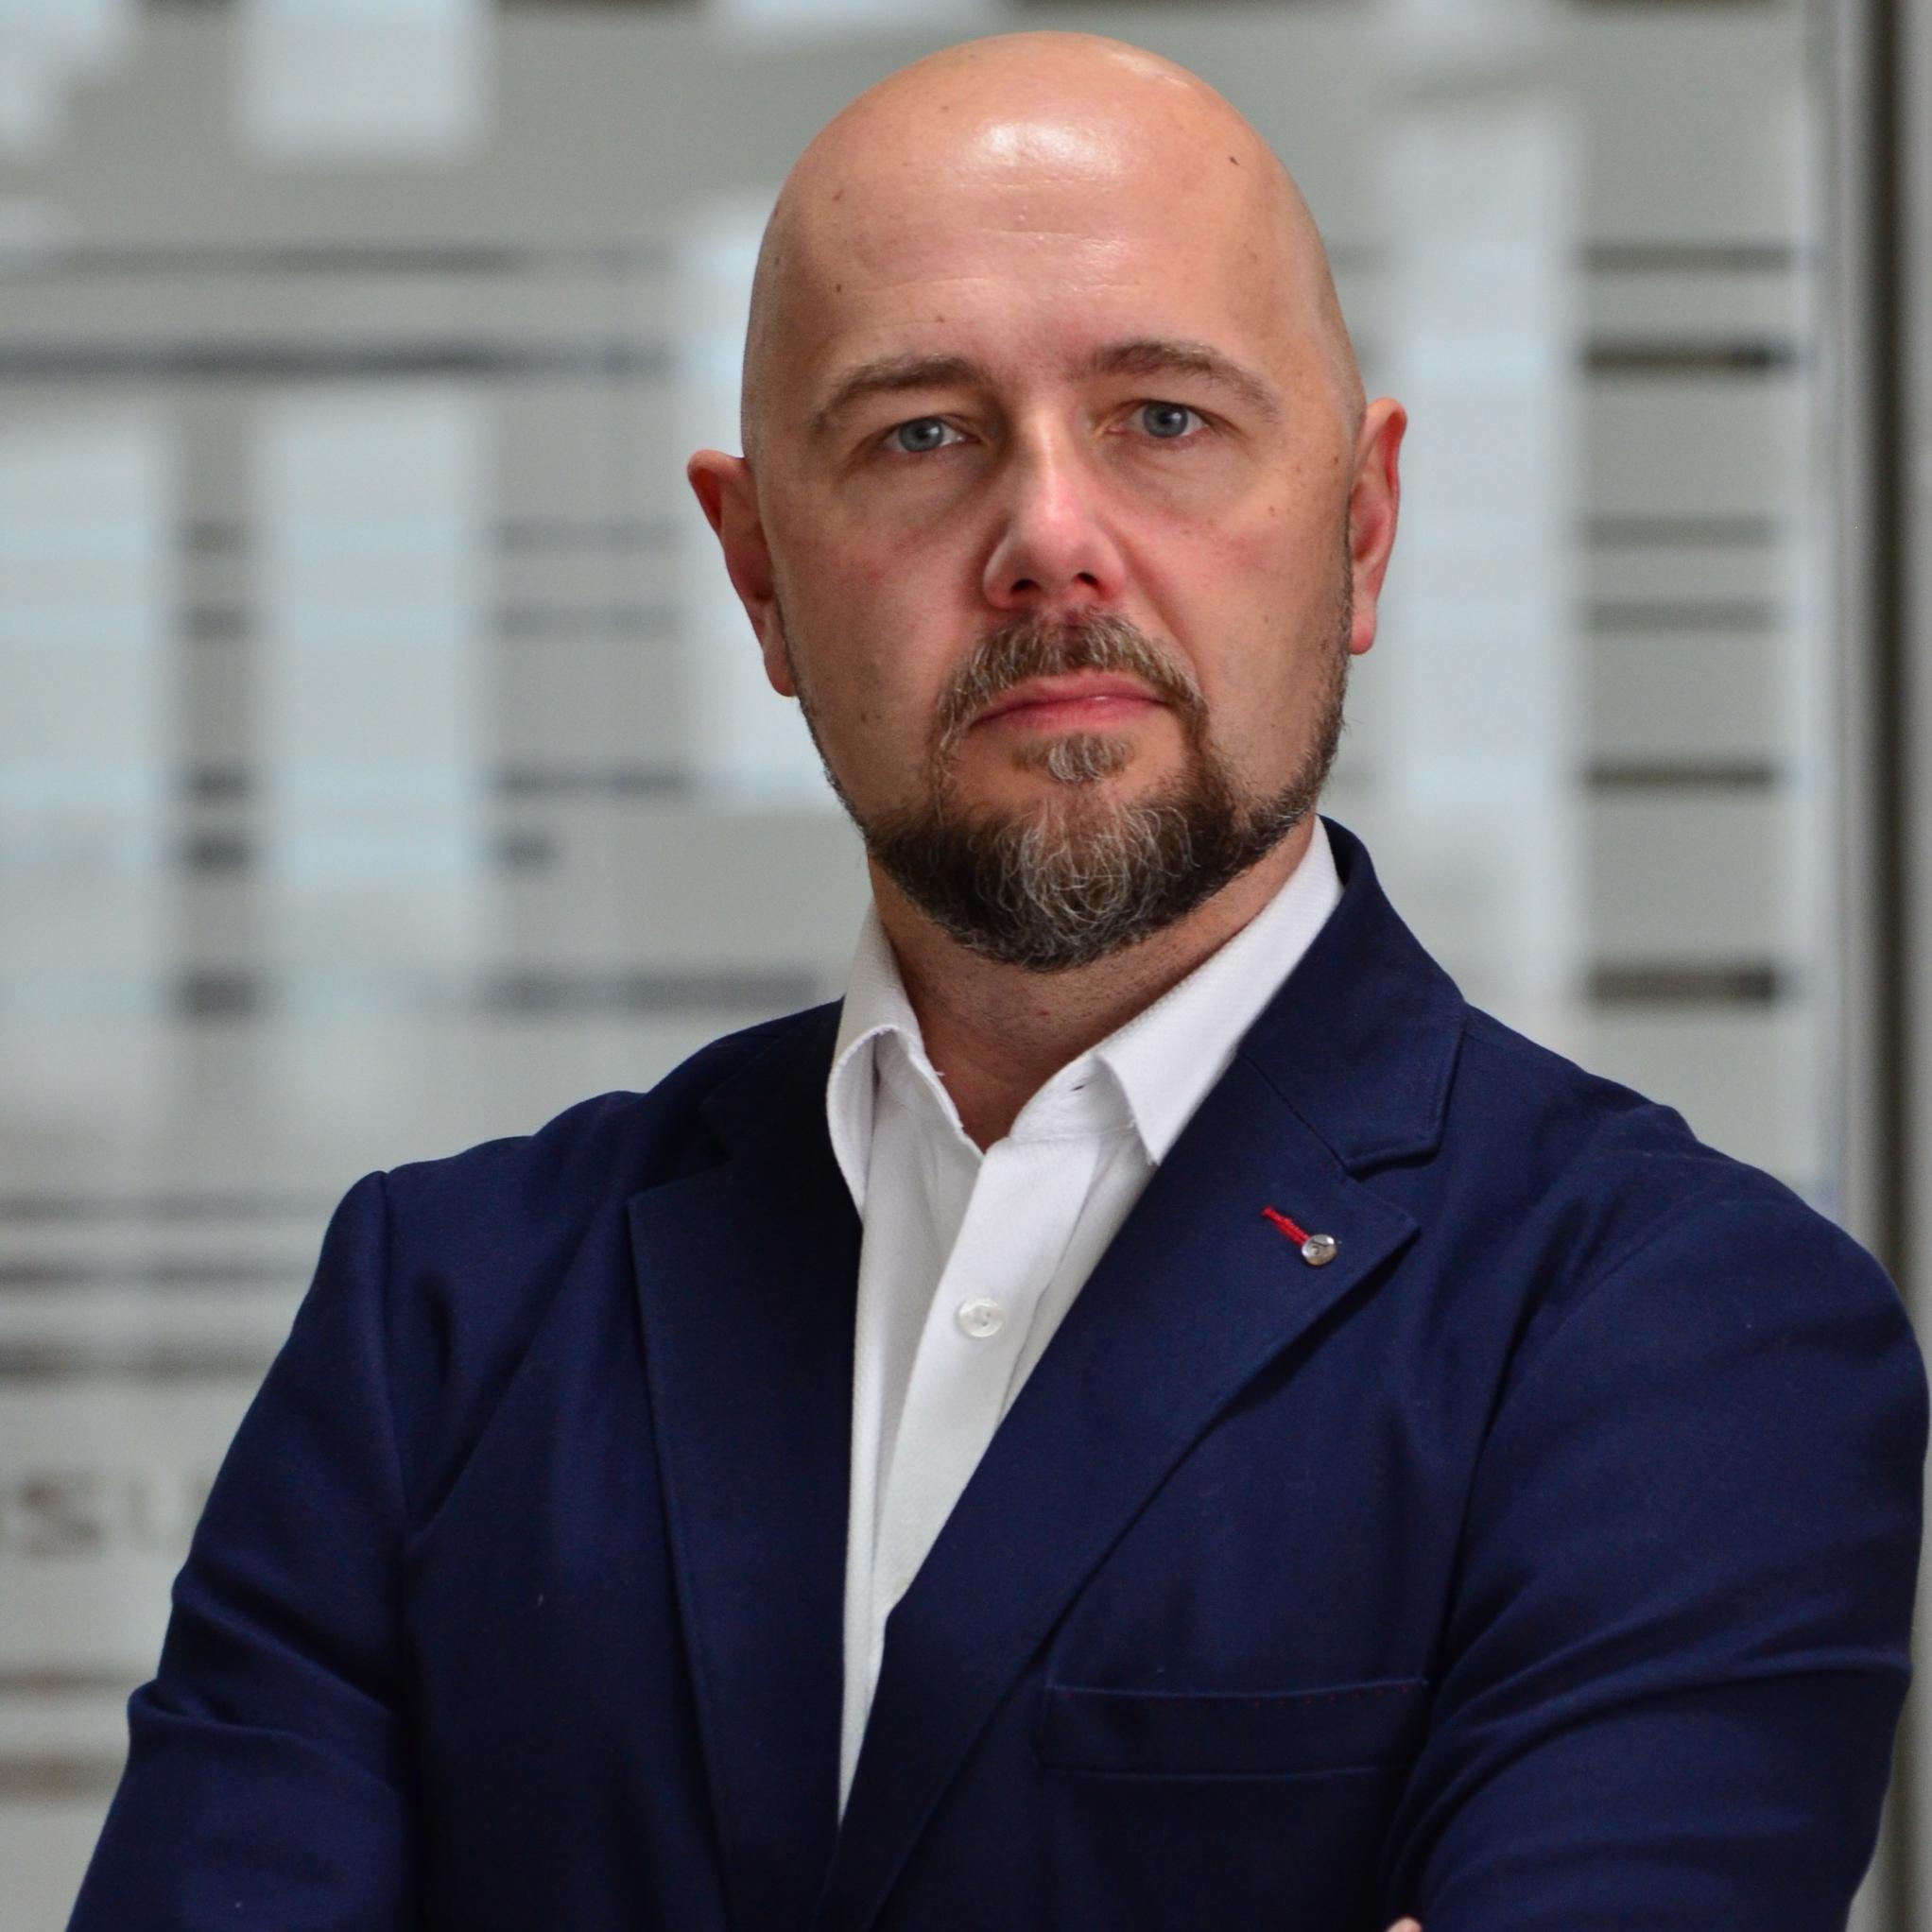 Marek Sosnowski